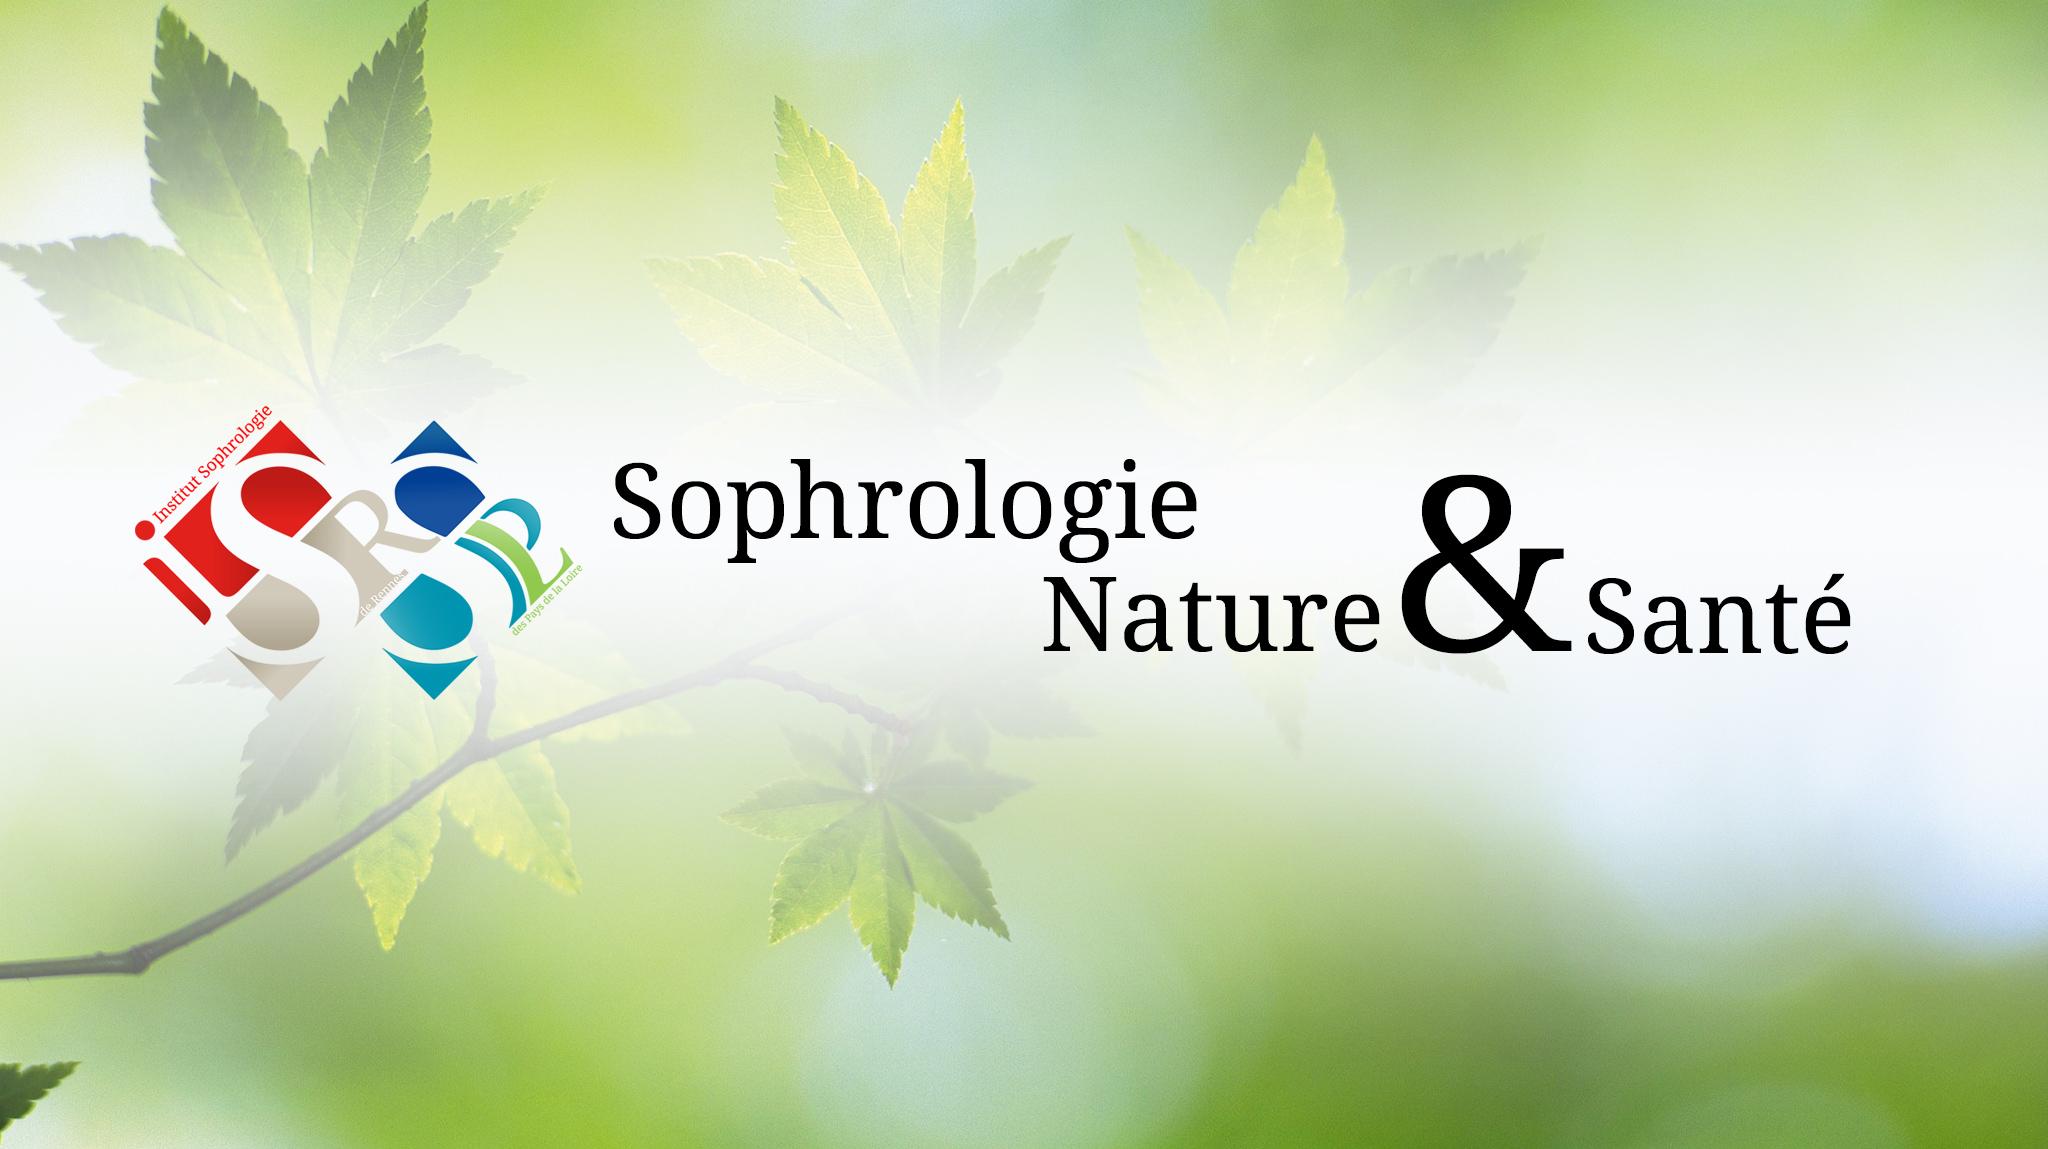 Sophrologie, nature & santé